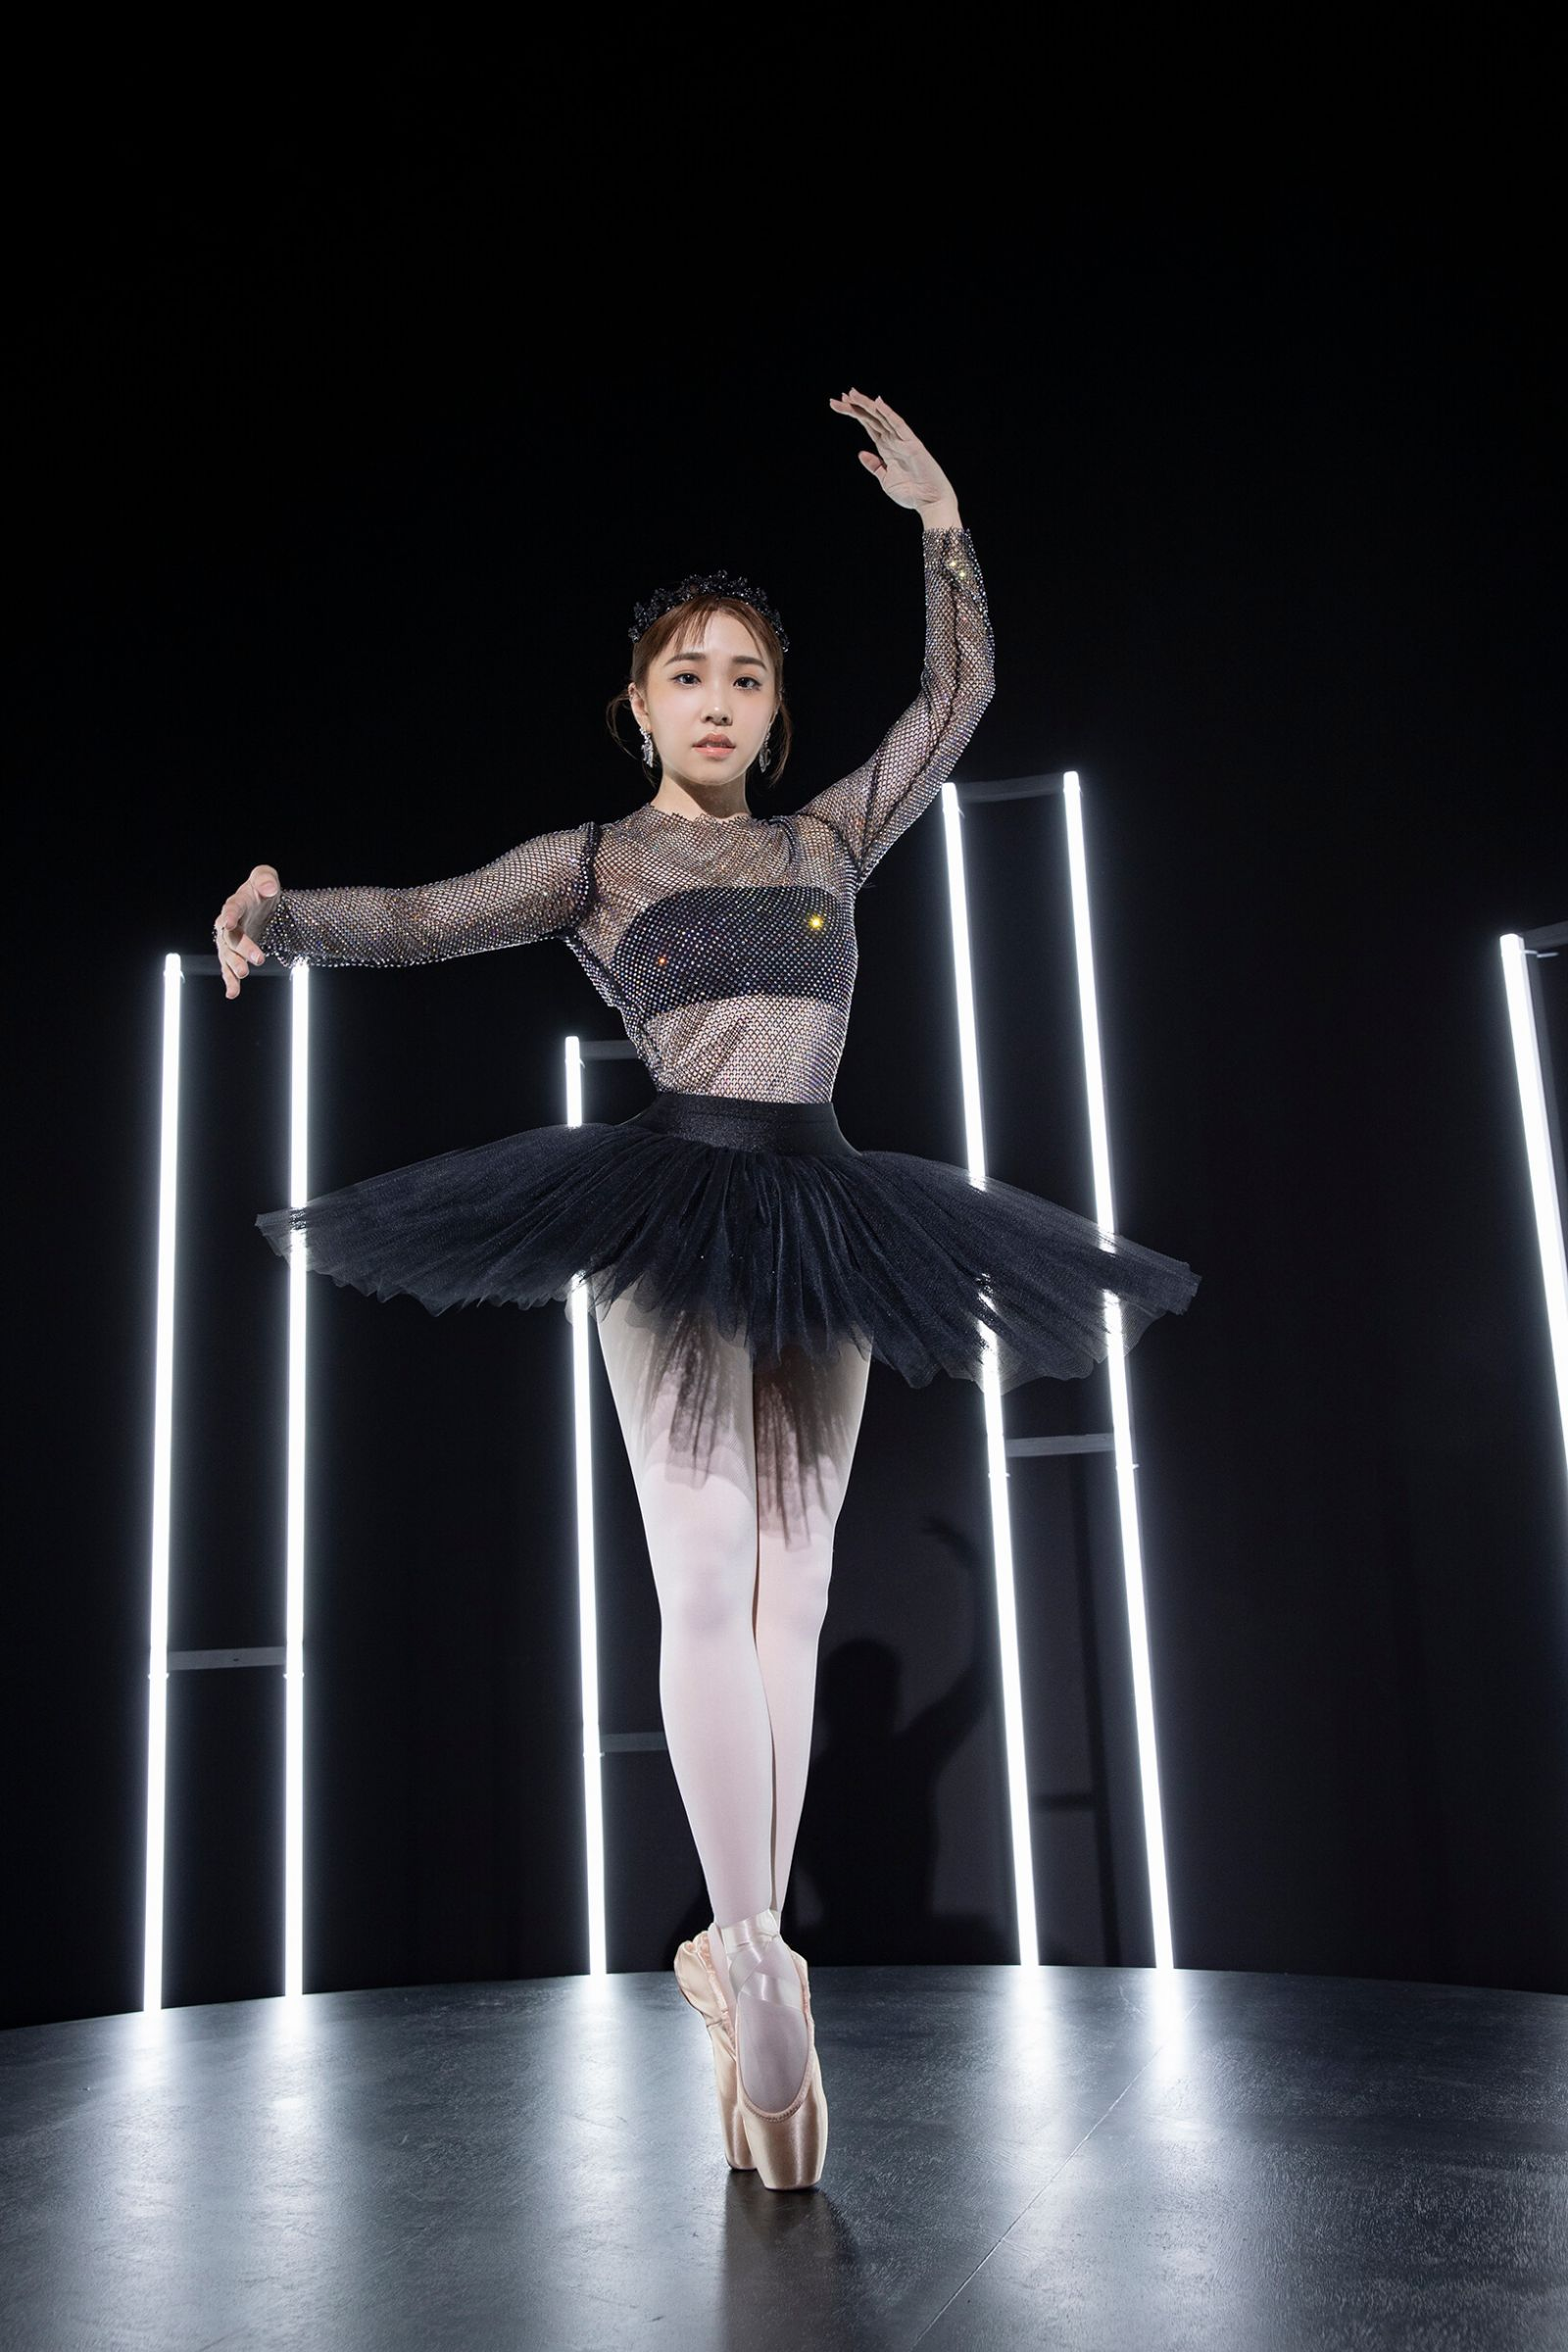 艾薇Ivy「化身黑天鵝」狂旋轉 穿12cm高跟鞋熱舞8小時!